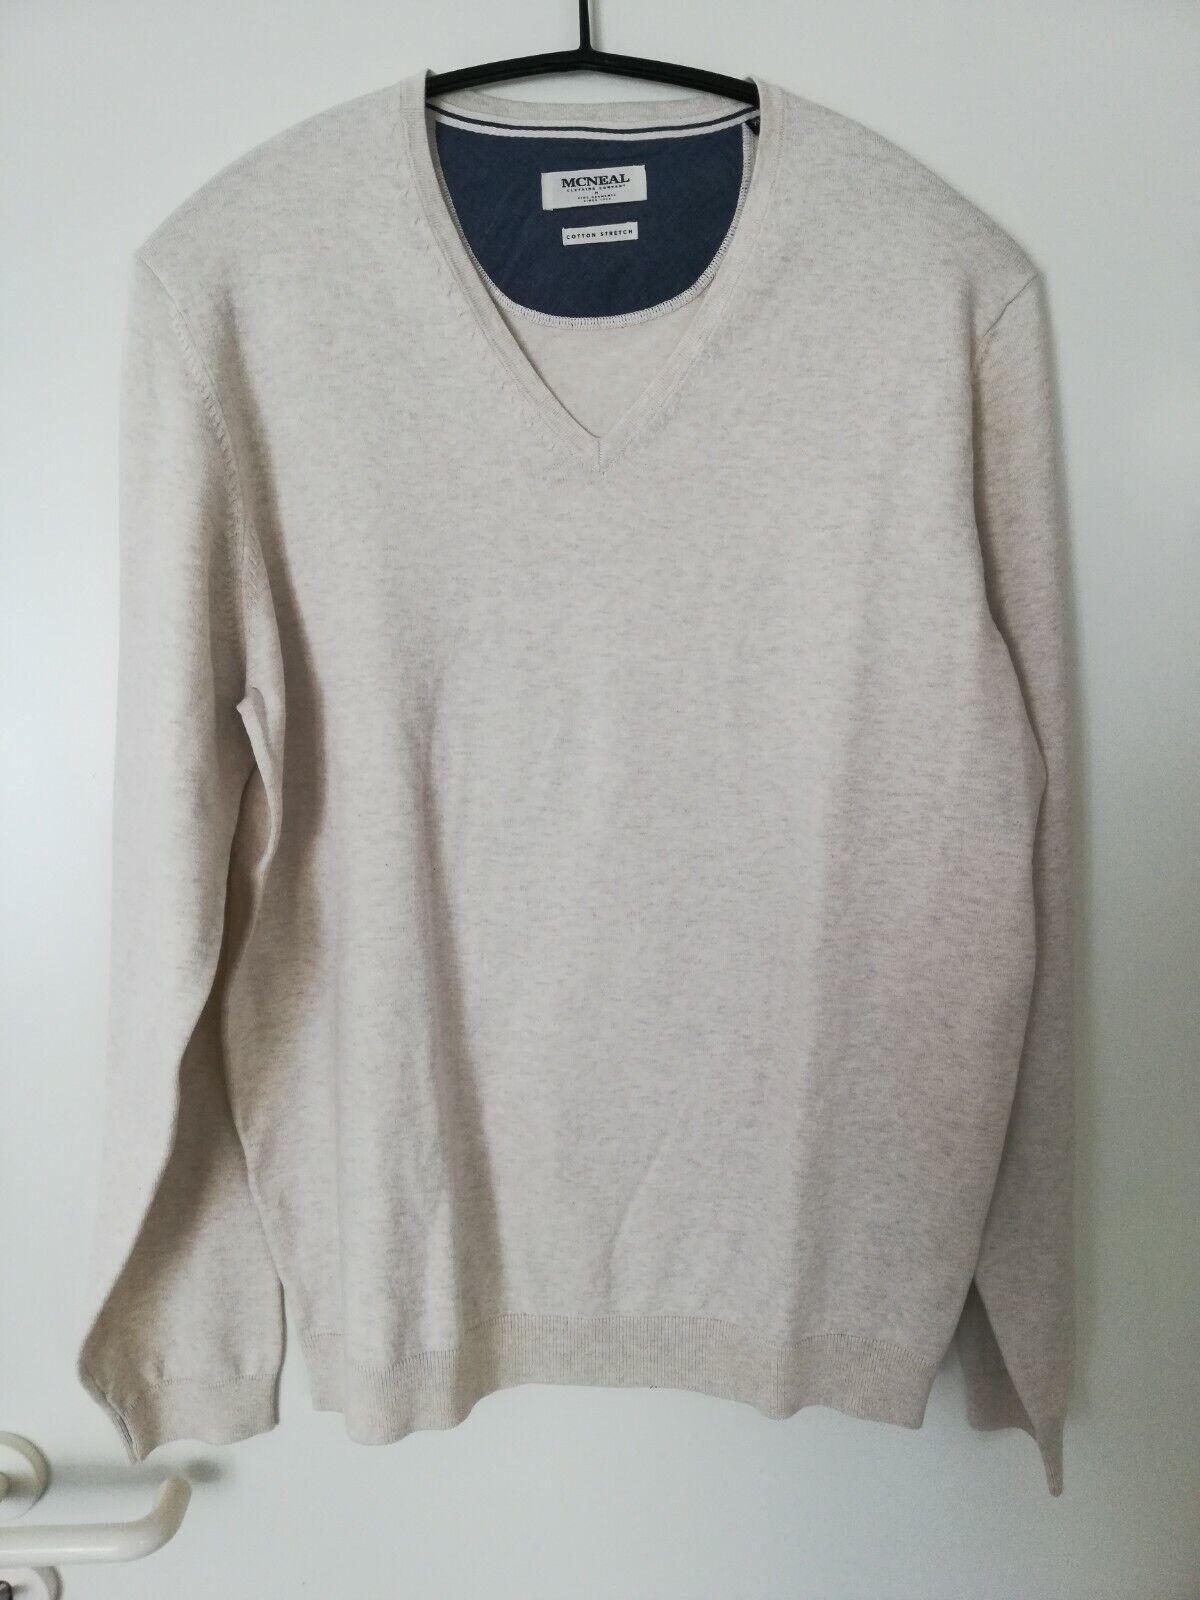 MCNEAL Cotton Nylon Stretch Herren Pullover Strick fein beige Größe XL neuwertig